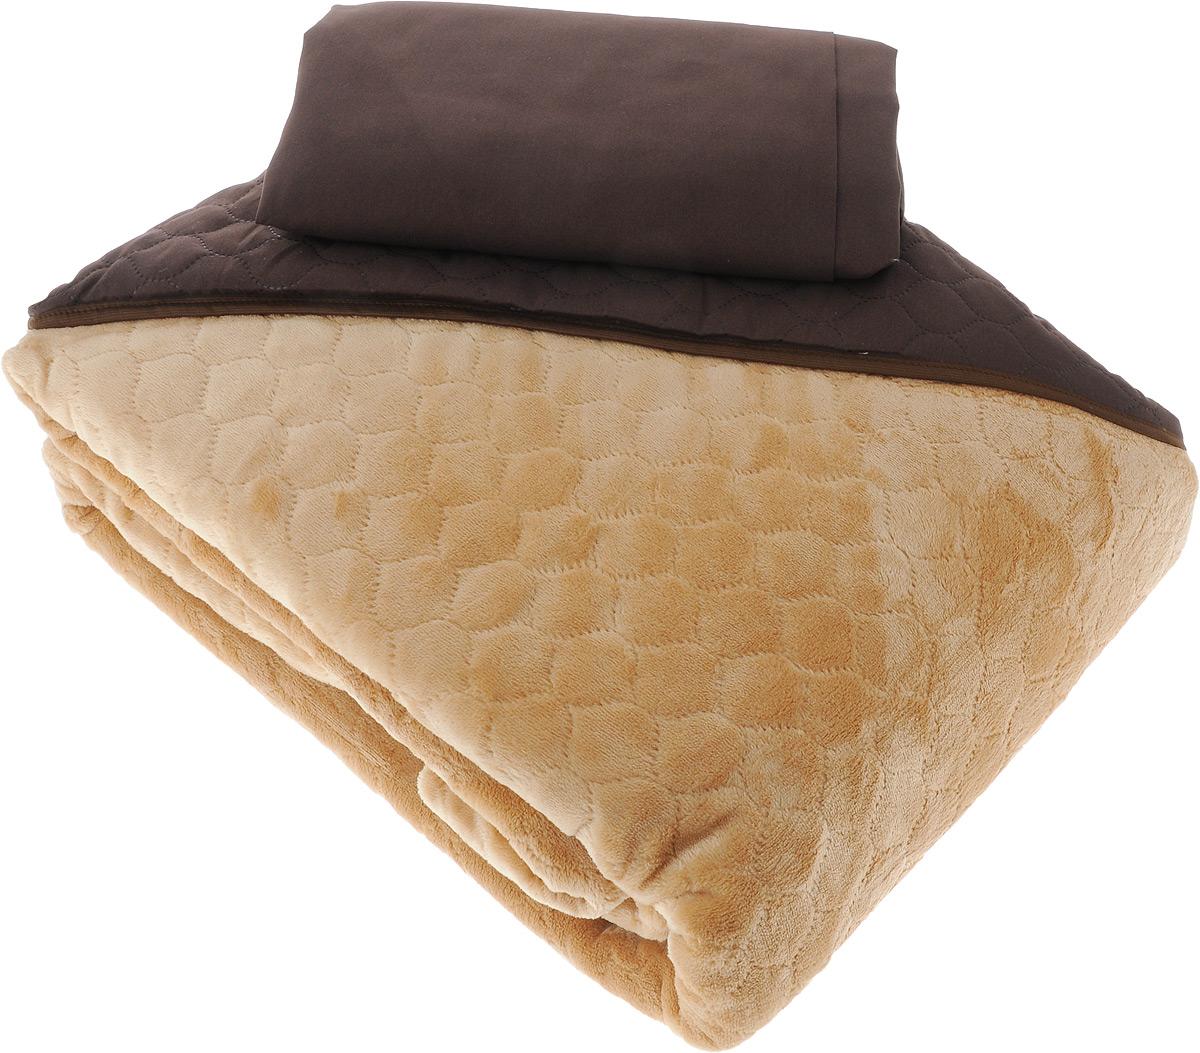 Комплект для спальни Sleep iX Multi Set: покрывало 220 х 240 см, простыня 230 х 240 см, 2 наволочки 50 х 70 см, цвет: коричневый, рыжийpva221574Комплект для спальни Sleep iX Multi Set состоит из покрывала, простыни и 2 наволочек. Верх многофункционального одеяла-покрывала выполнен из мягкой высокотехнологичной ткани, которая хорошо сохраняет тепло, устойчива к стирке и износу, а низ выполнен из нежного искусственного меха. Такой мех не требует специального ухода, он легко чистится и долгое время сохраняет мягкость и внешний вид. Наволочки и простыня выполнены из микрофибры. Комплект для спальни Sleep iX Multi Set - отличный способ придать спальне уют и привнести в интерьер что-то новое. Размер покрывала: 220 см х 240 см. Размер наволочки: 50 см х 70 см. Размер простыни: 230 см х 240 см. Комплект упакован в сумку-чехол на застежке-молнии.